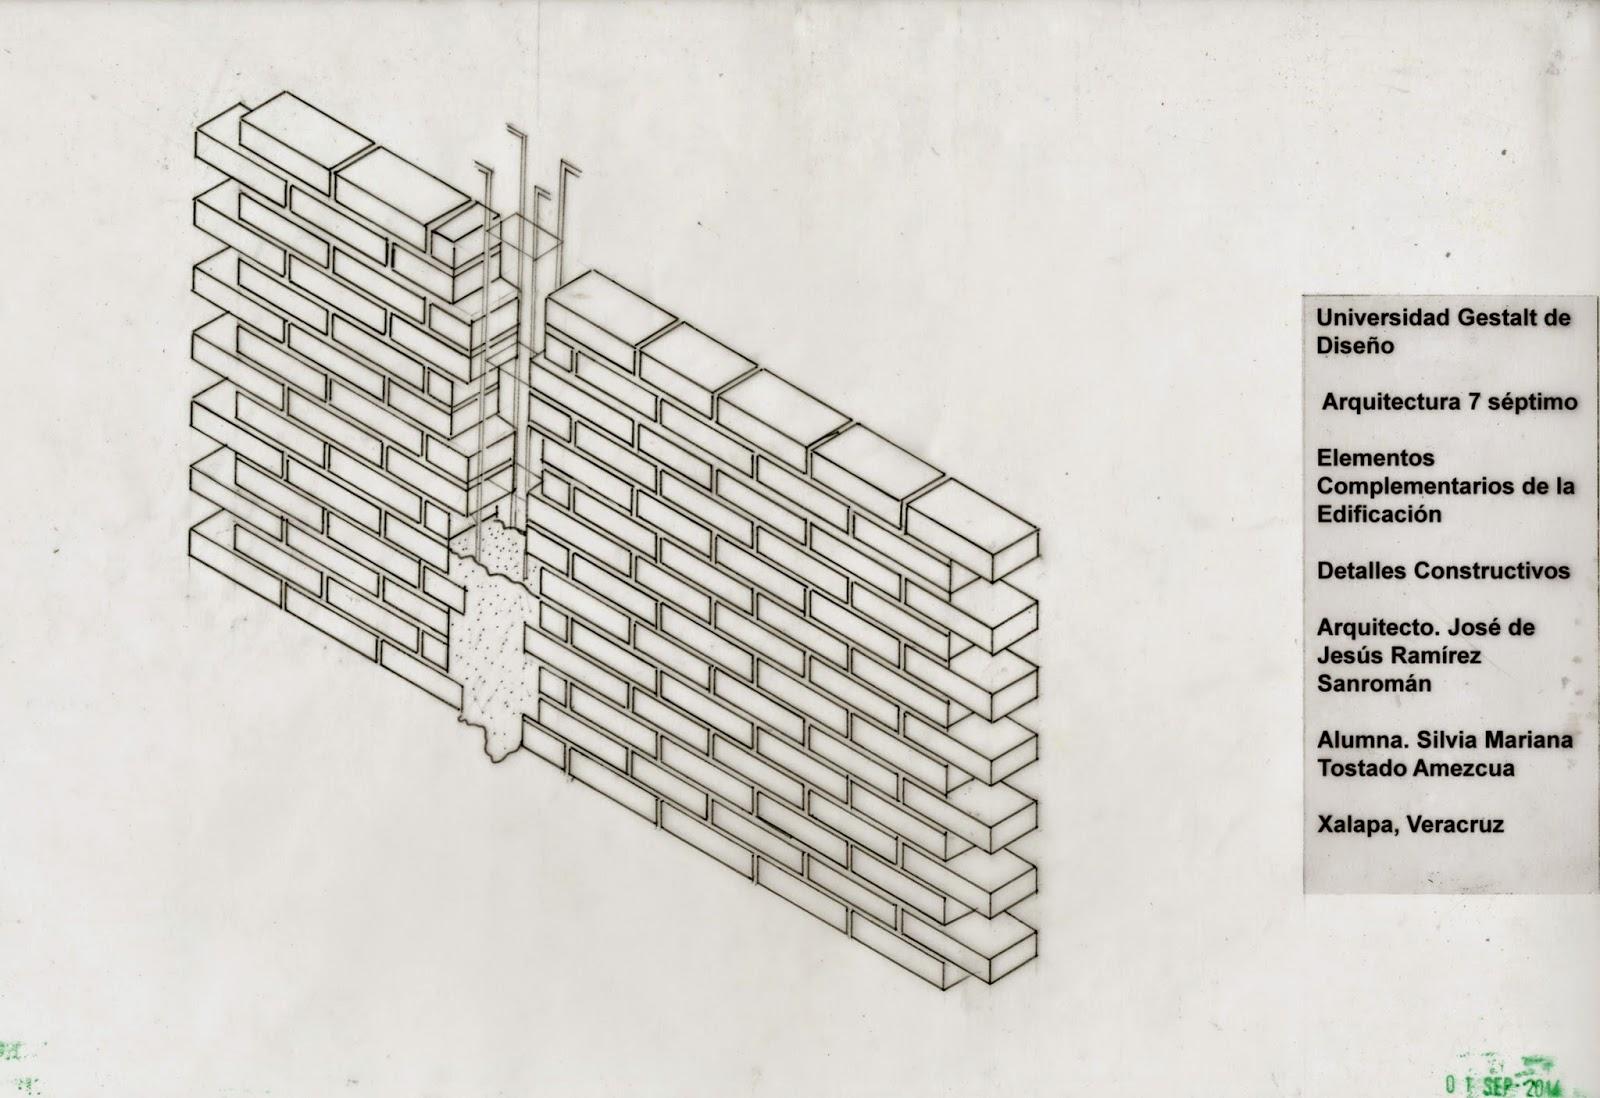 Elementos Complementarios De La Edificaci N 3 Plano